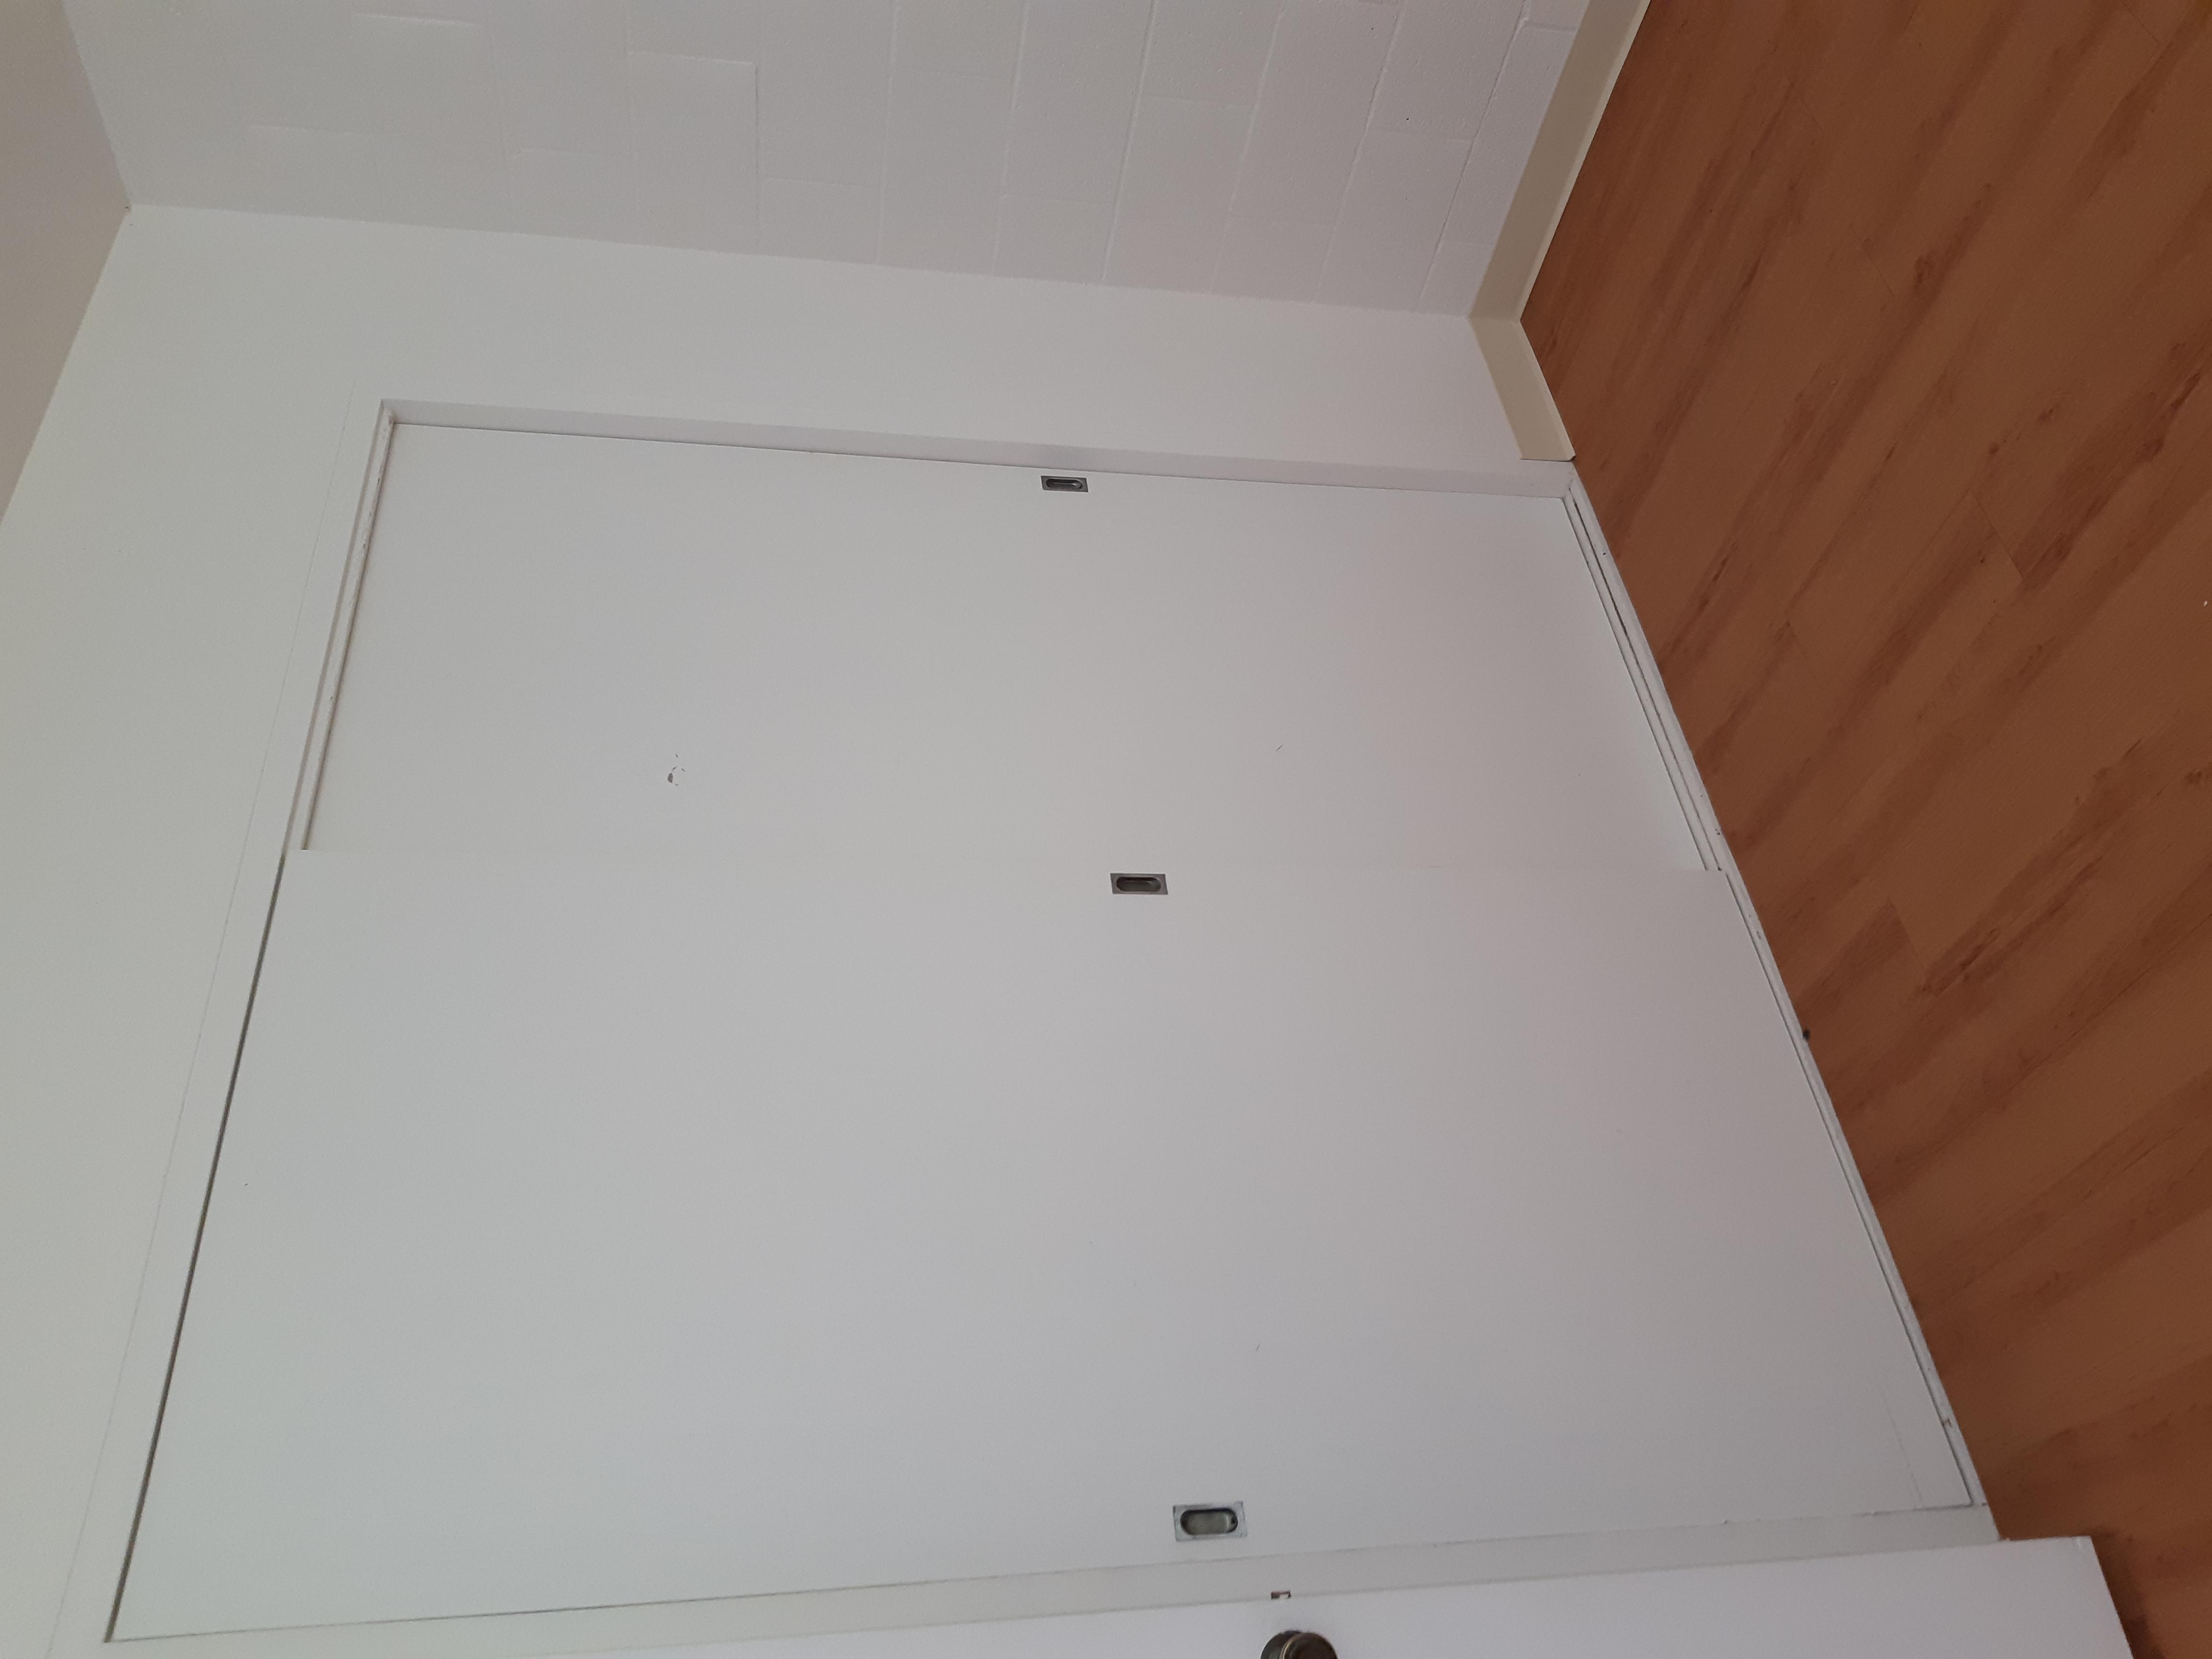 bdrm closet